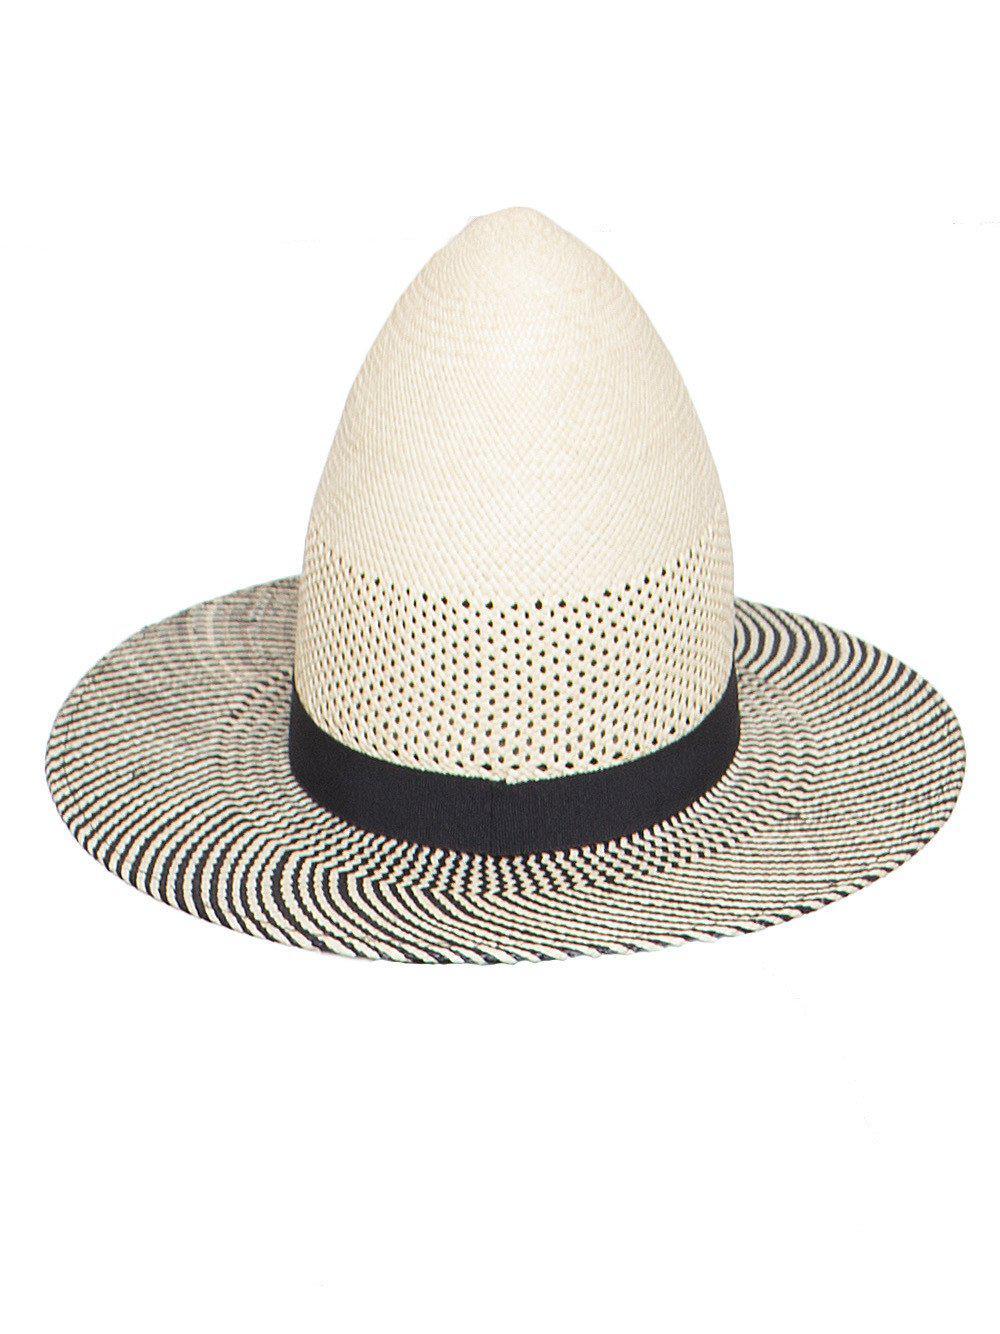 Lyst - Henrik Vibskov Big Shady Hat for Men edb82fe1fd8